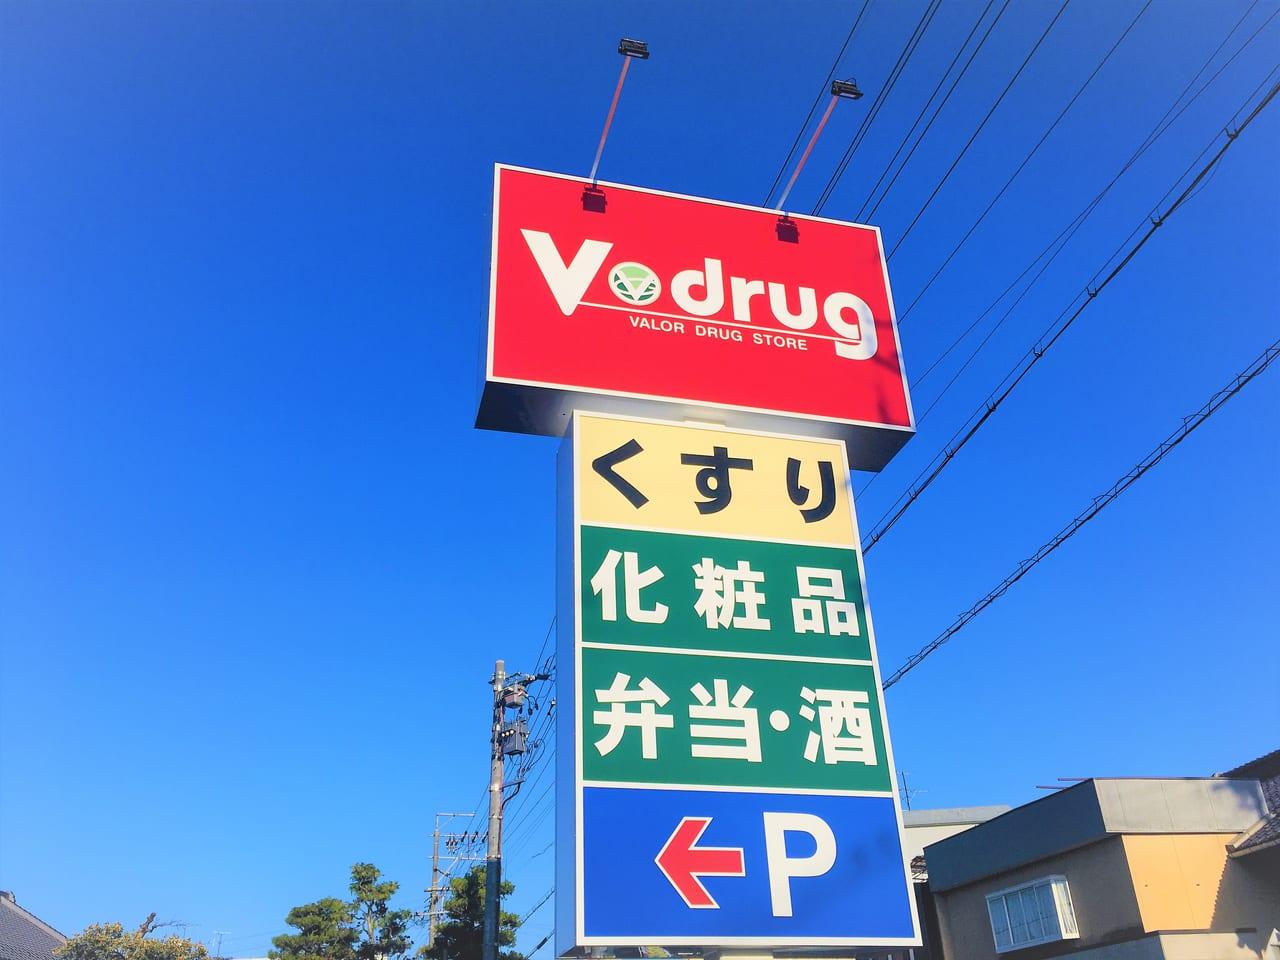 Vドラッグ木曽川店へ入るところ